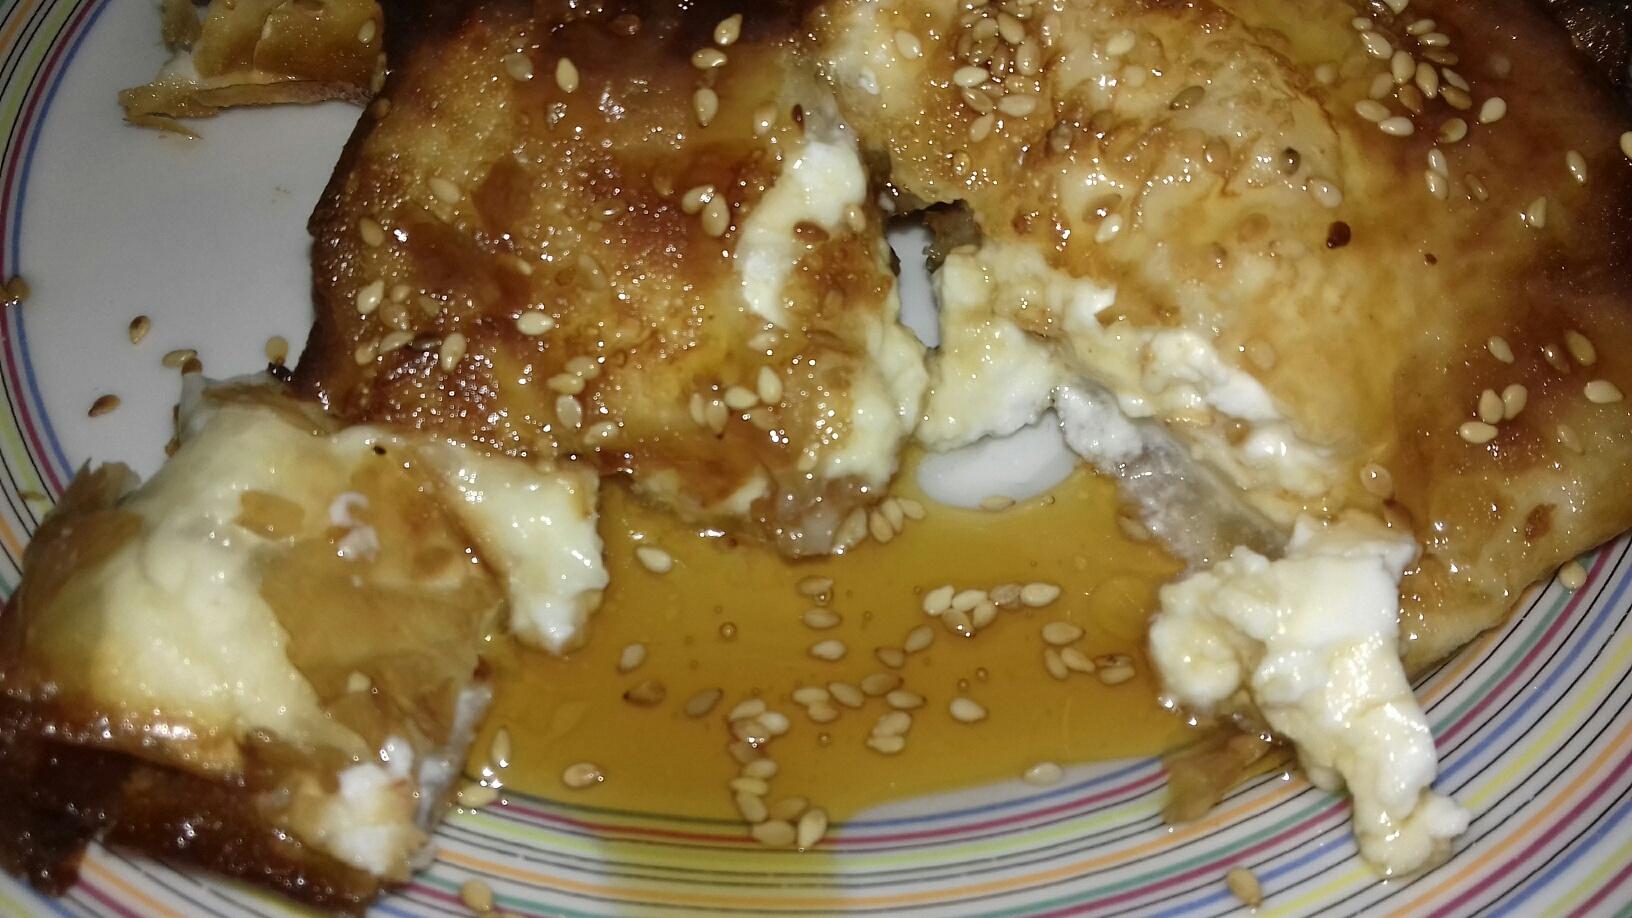 Φέτα σαγανάκι με φύλλο κρούστας & μέλι - Συνταγή - ηχωμαγειρέματα